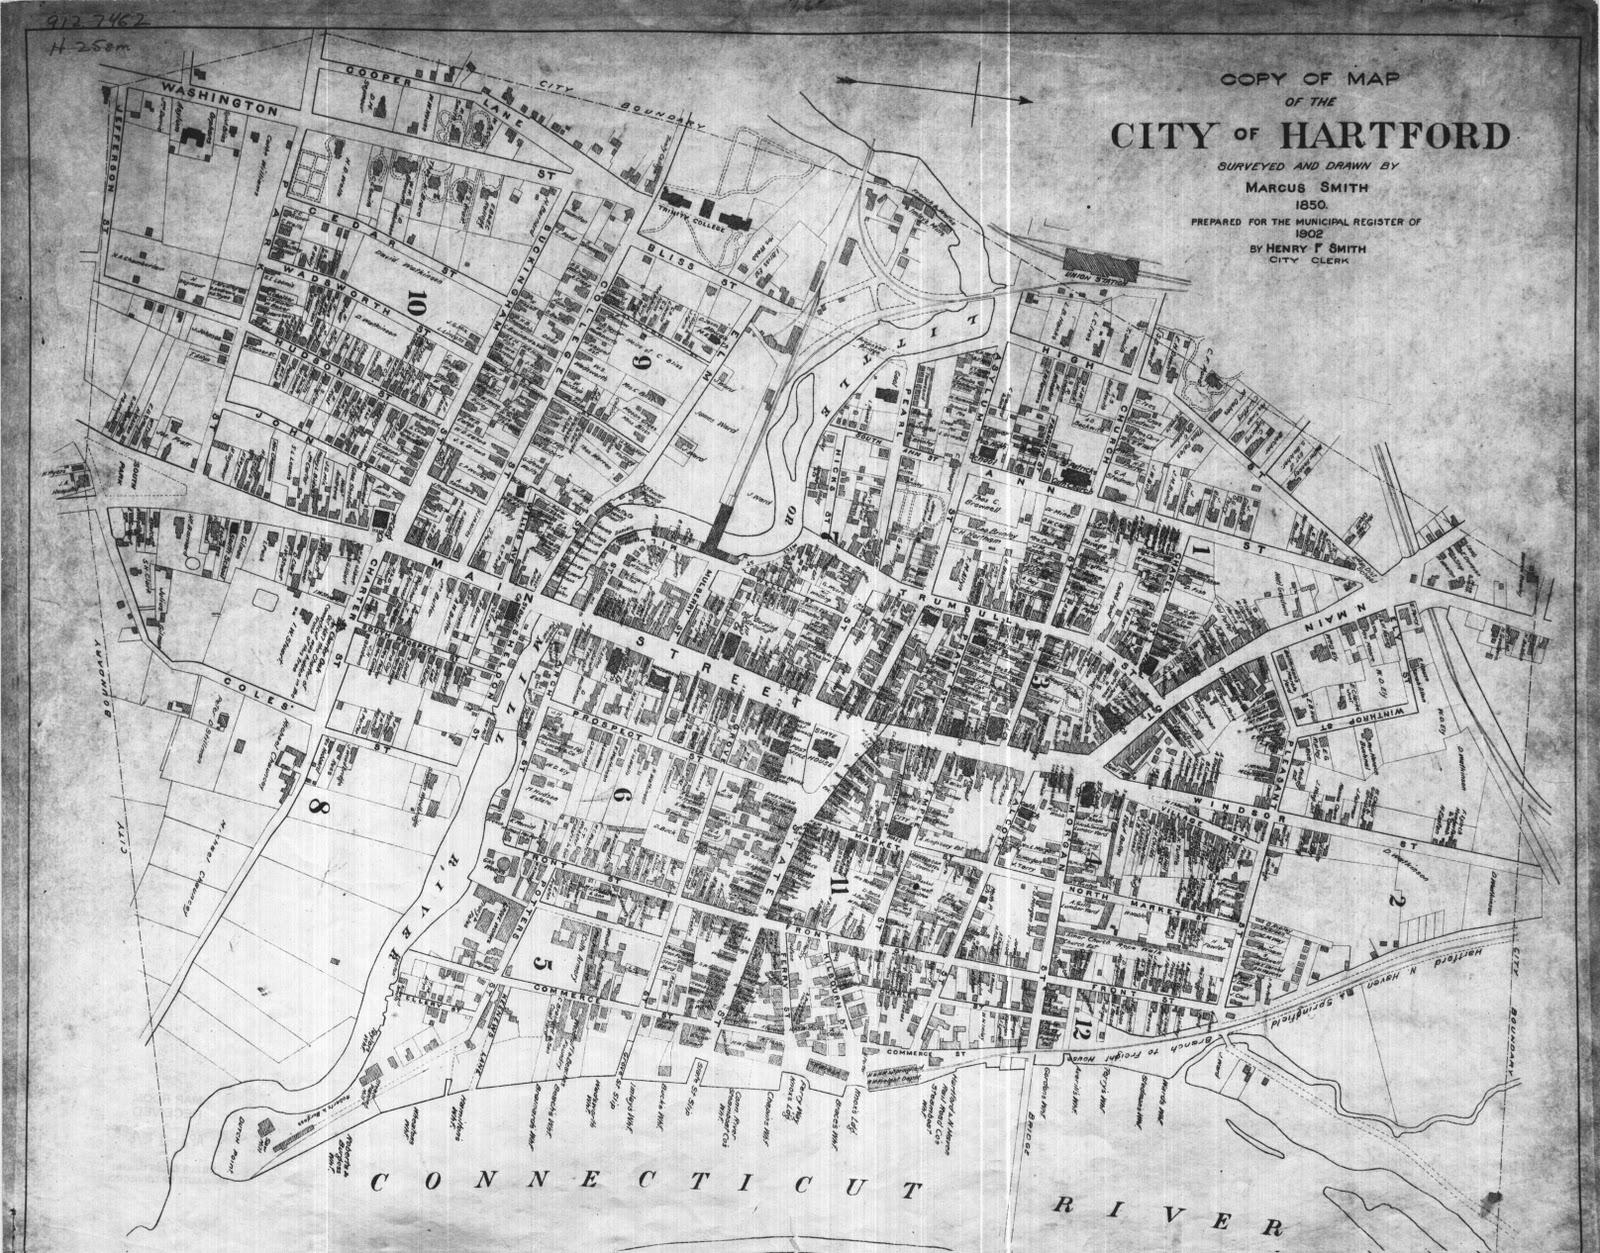 Sad City Hartford: Hartford Kewl Find: An Even Older Map